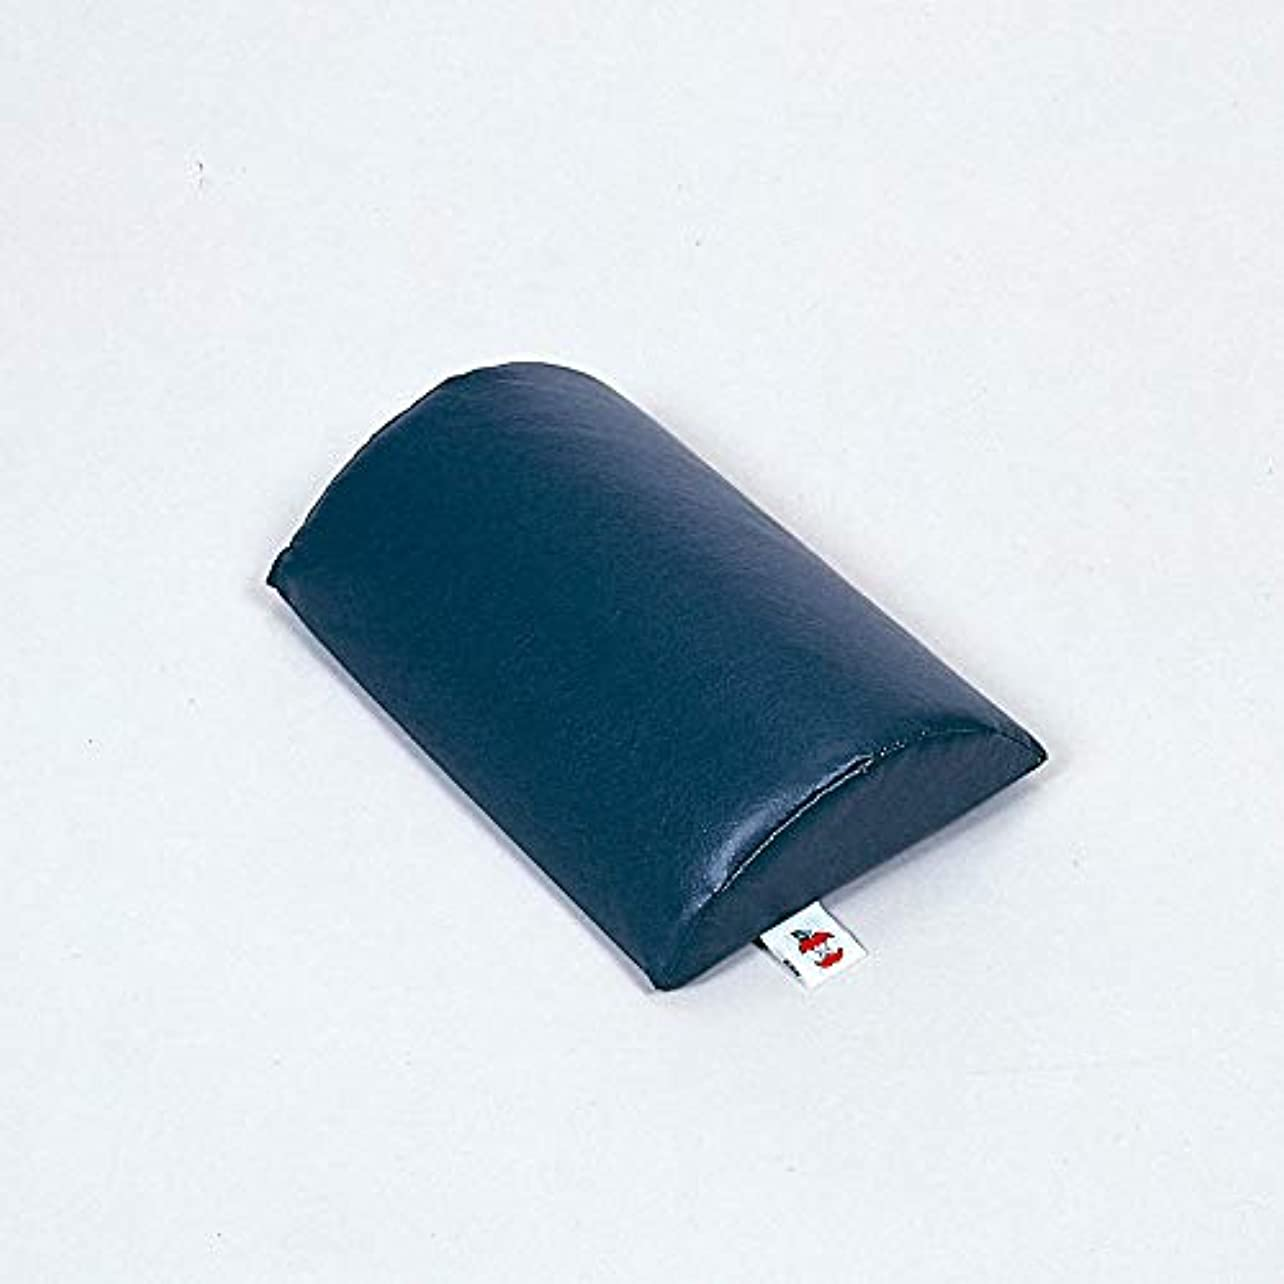 CORE PRODUCT(コアプロダクツ) ミニピロー 枕として 手足の固定用 クッション